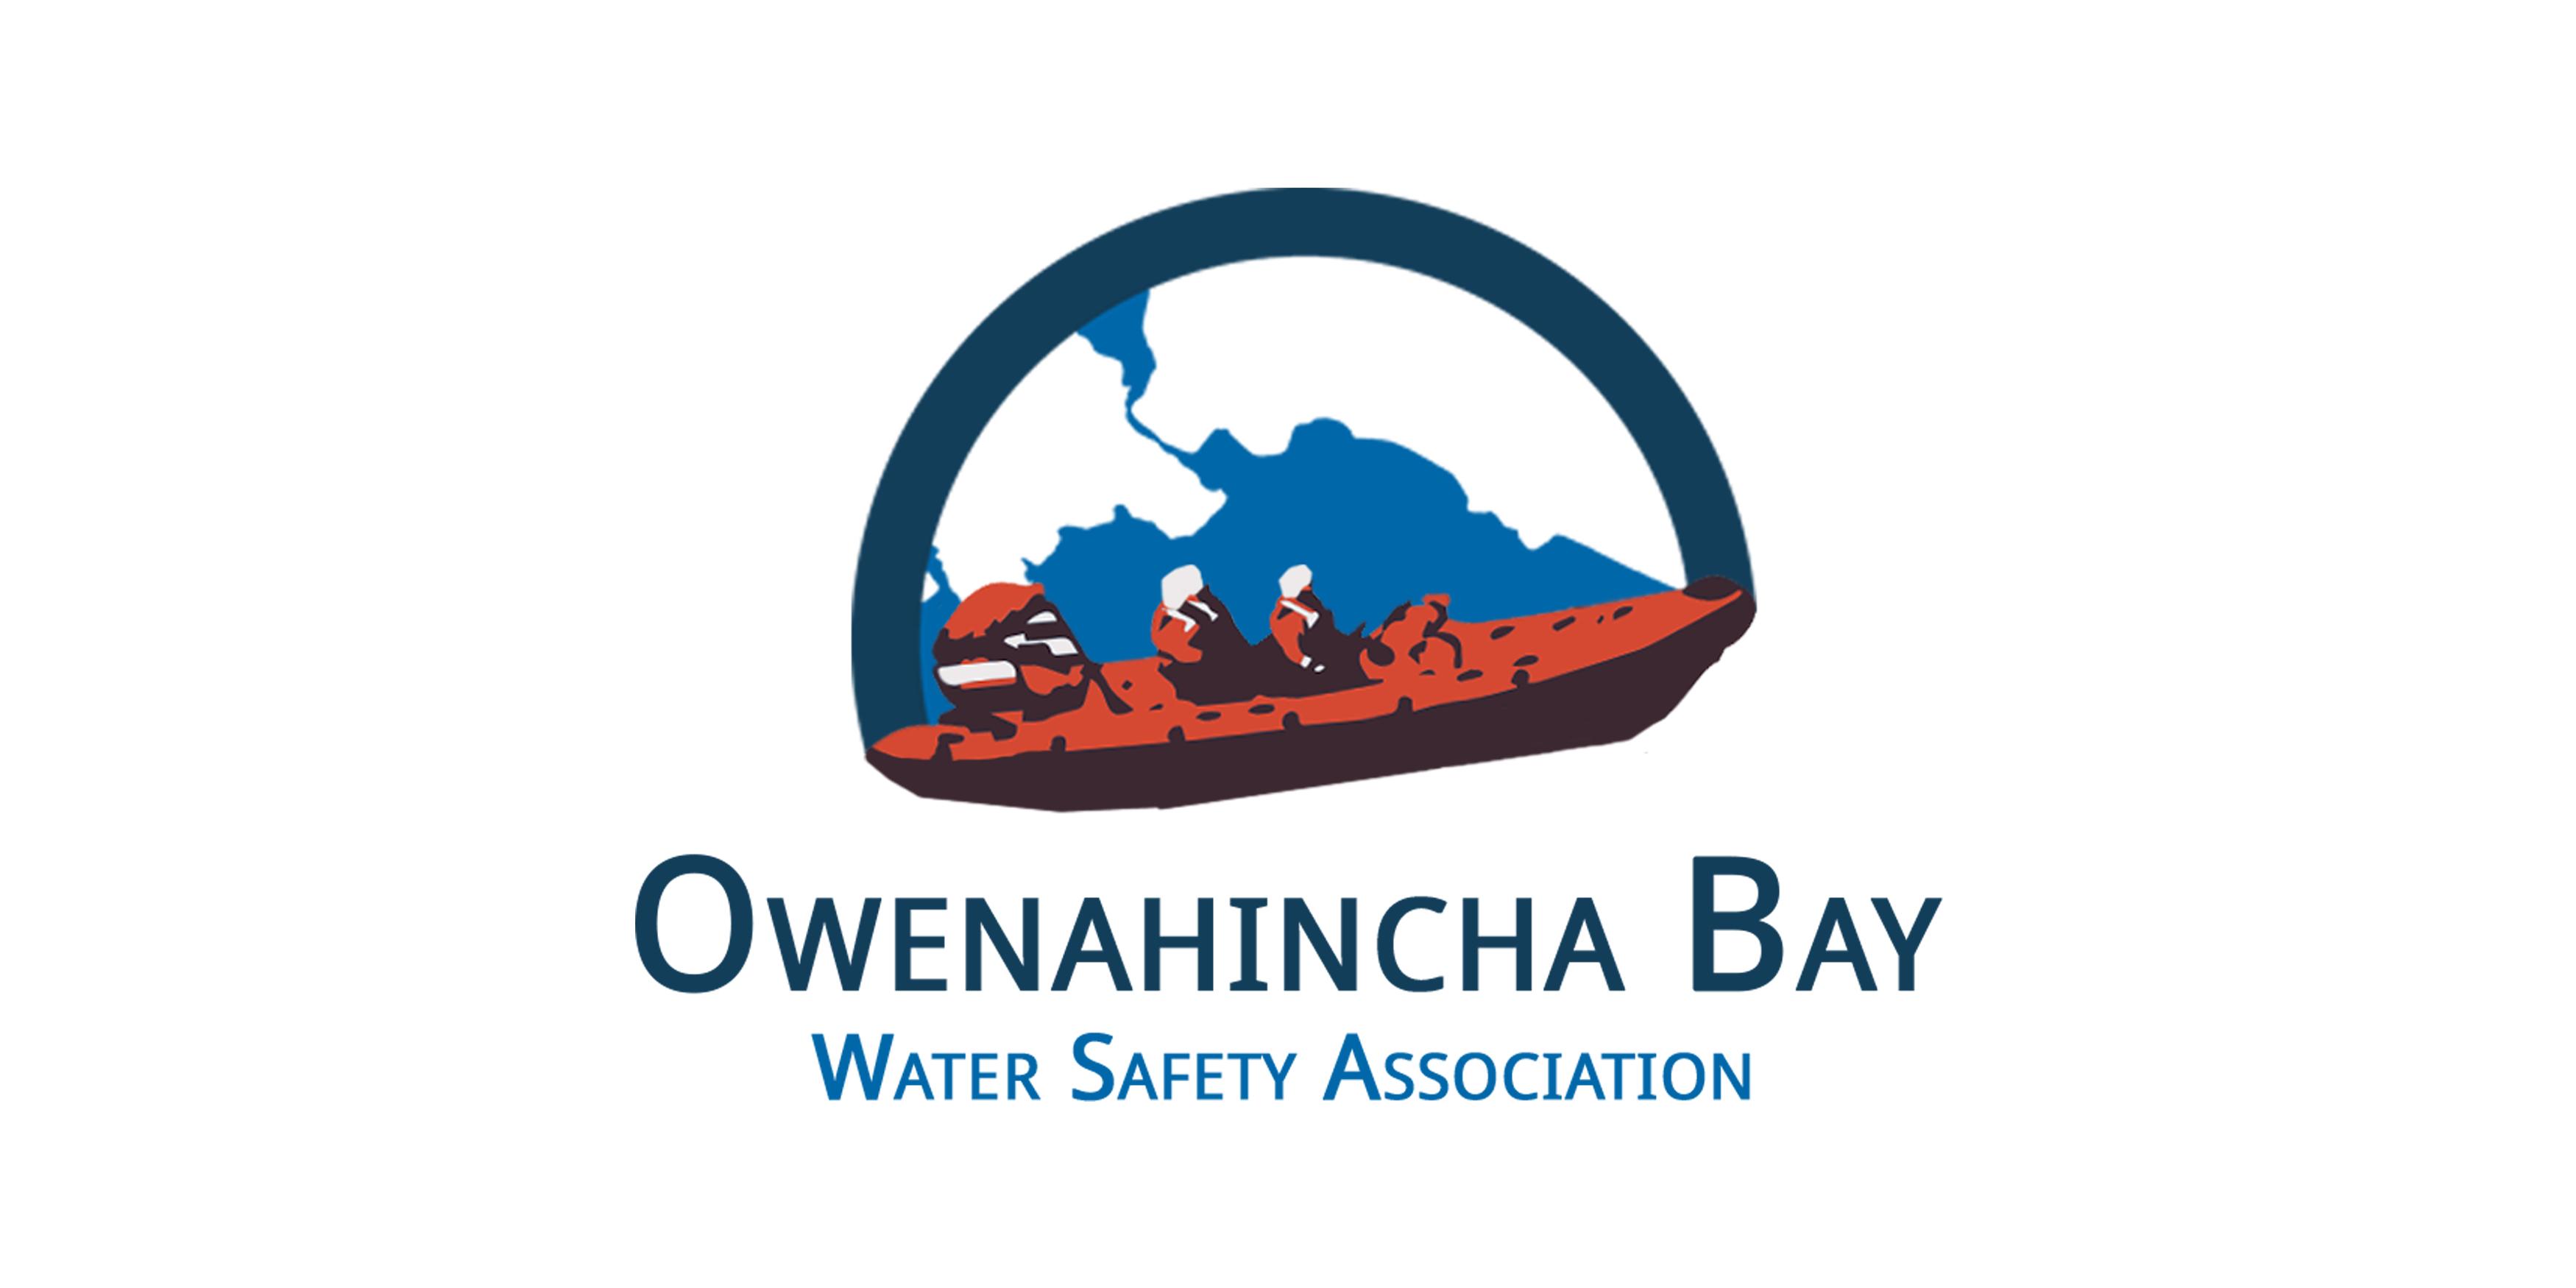 obwsa-logo